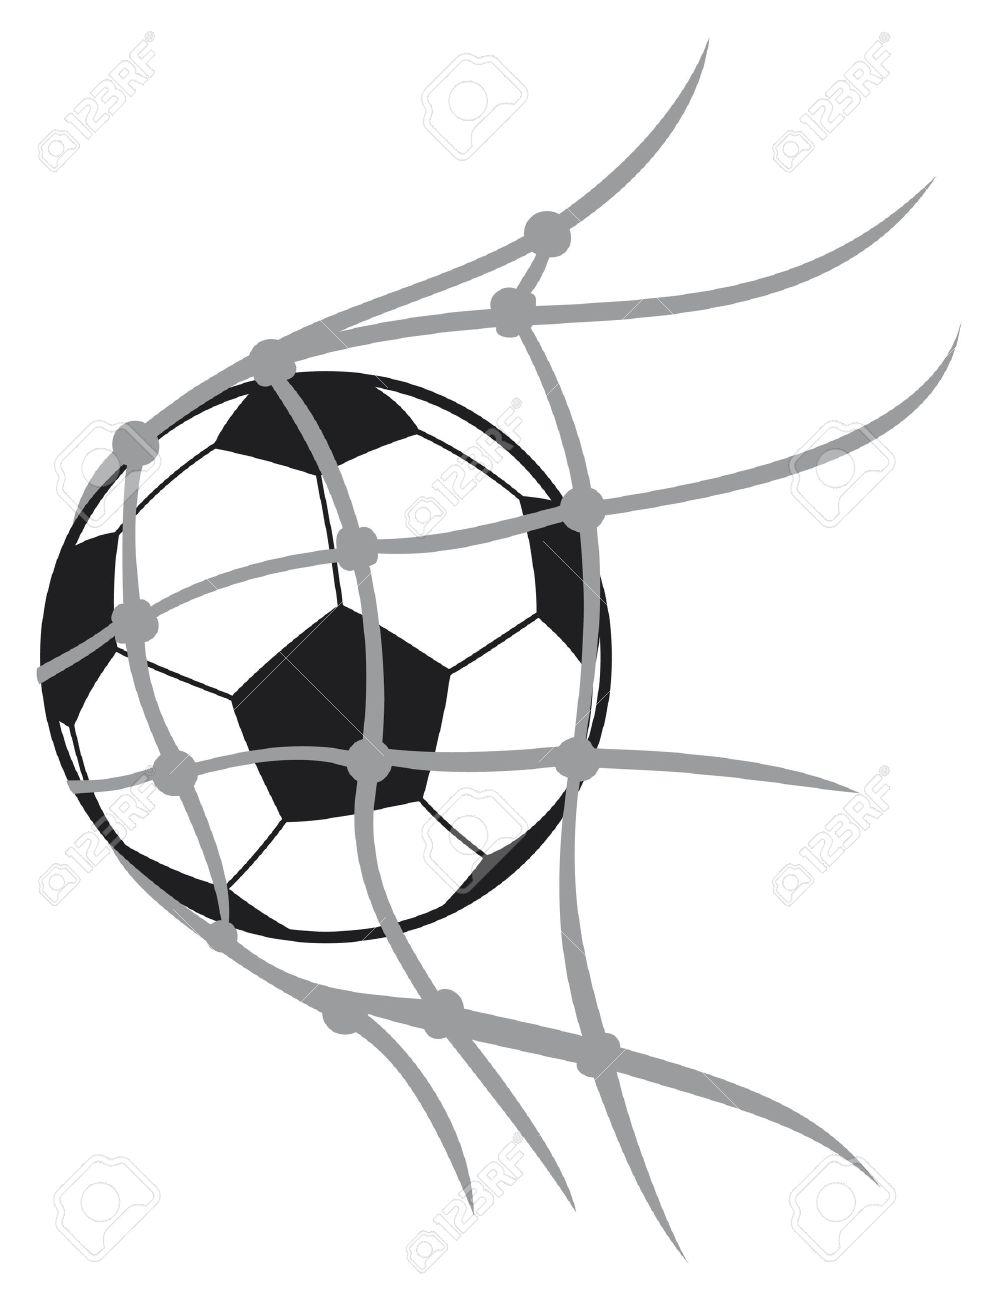 vector football ball soccer ball, soccer ball for football, soccer ball in net, football icon, football goal, soccer goal - 18179880